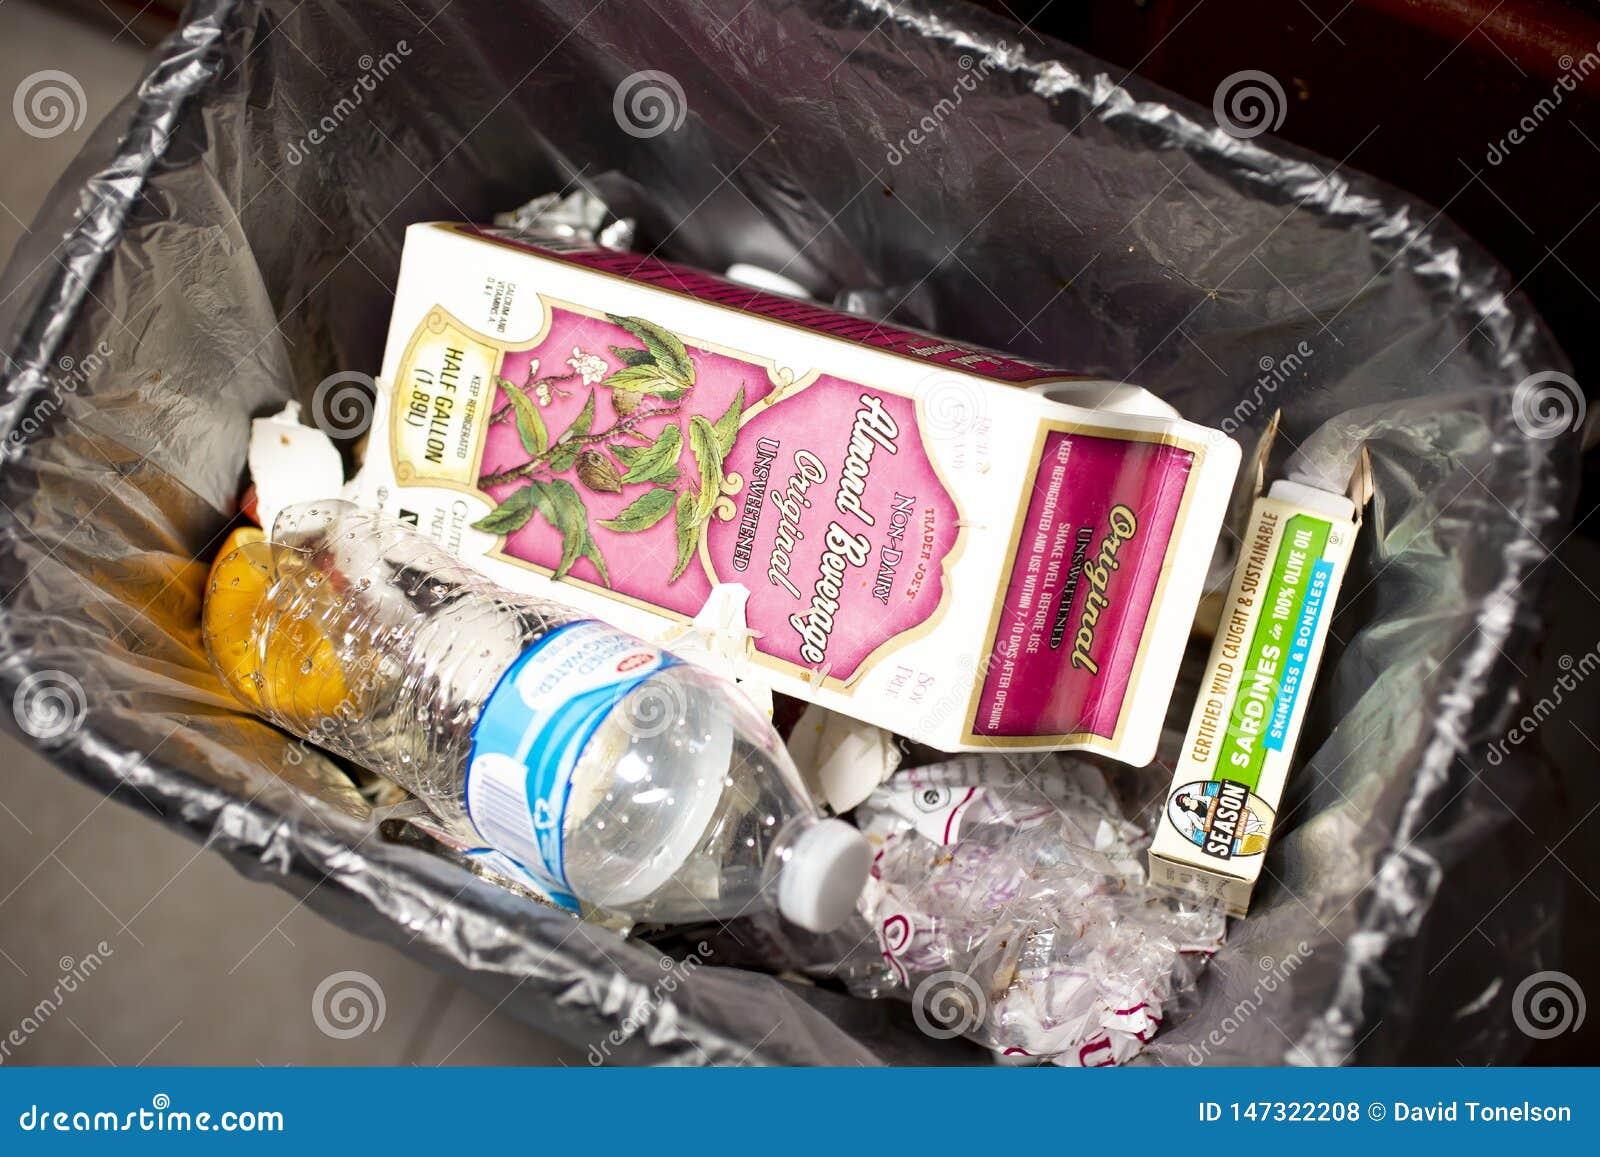 Balde do lixo com lixo